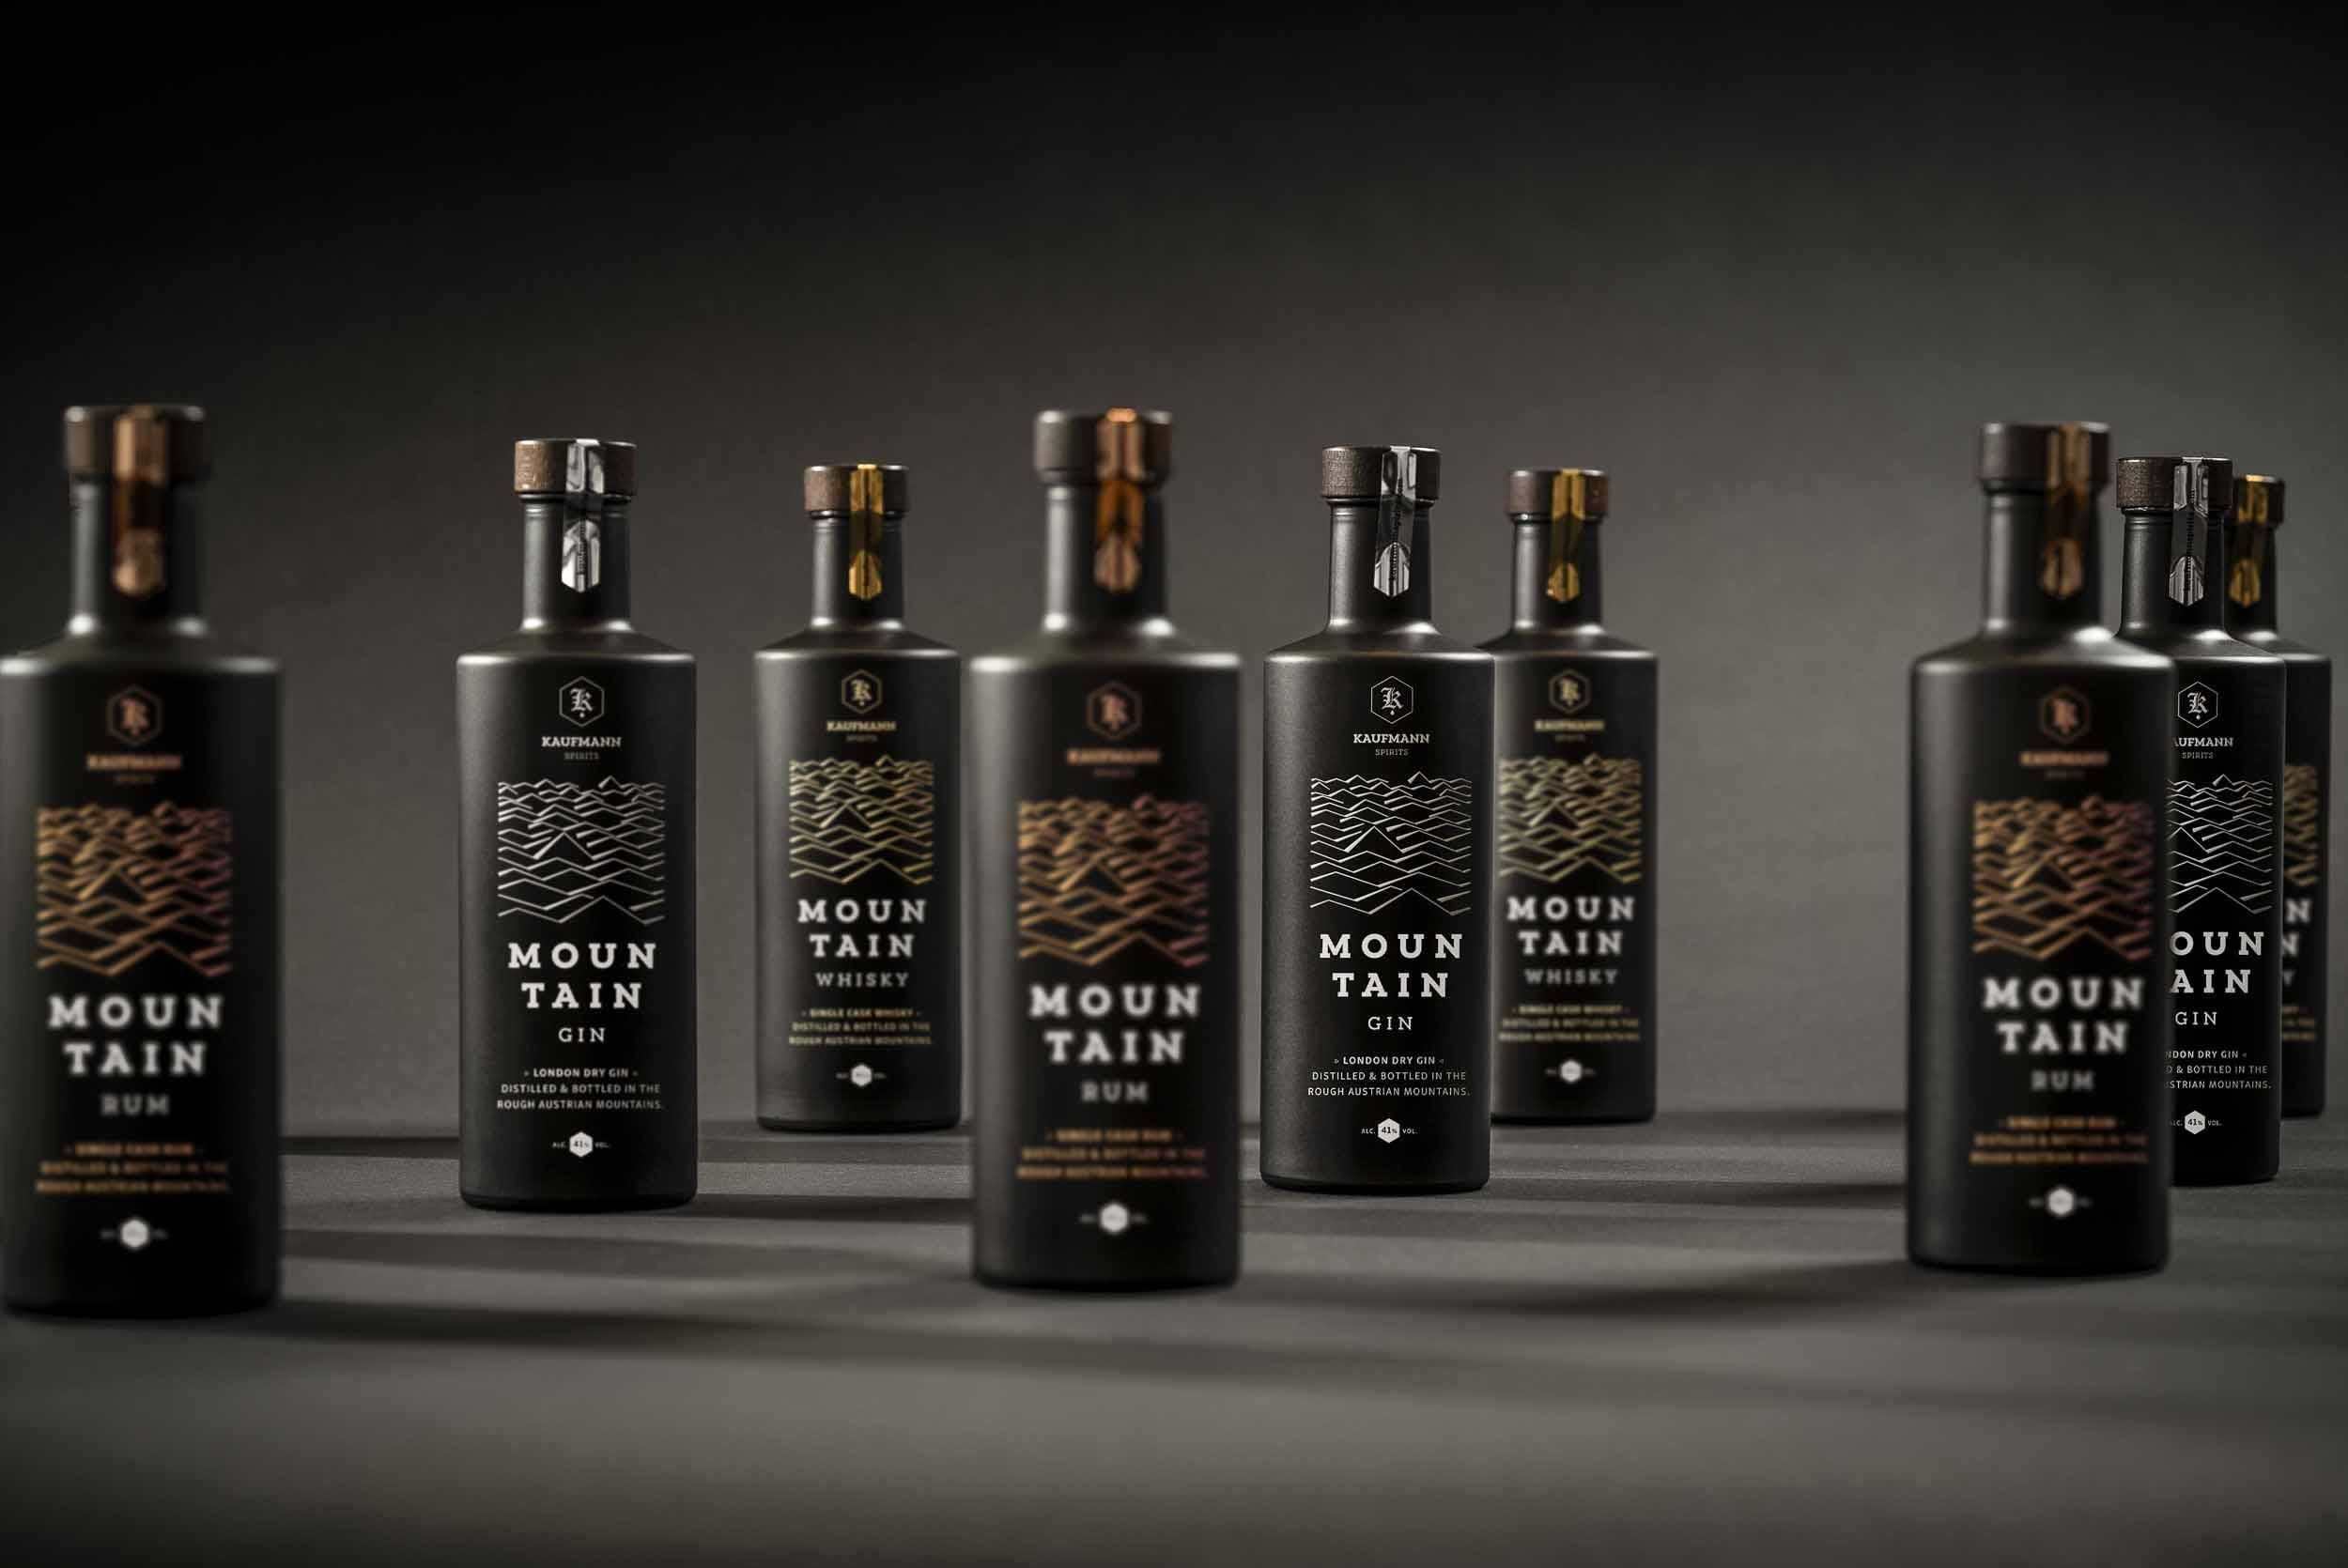 Mountain Gin, Mountain Rum, Mountain Whisky.